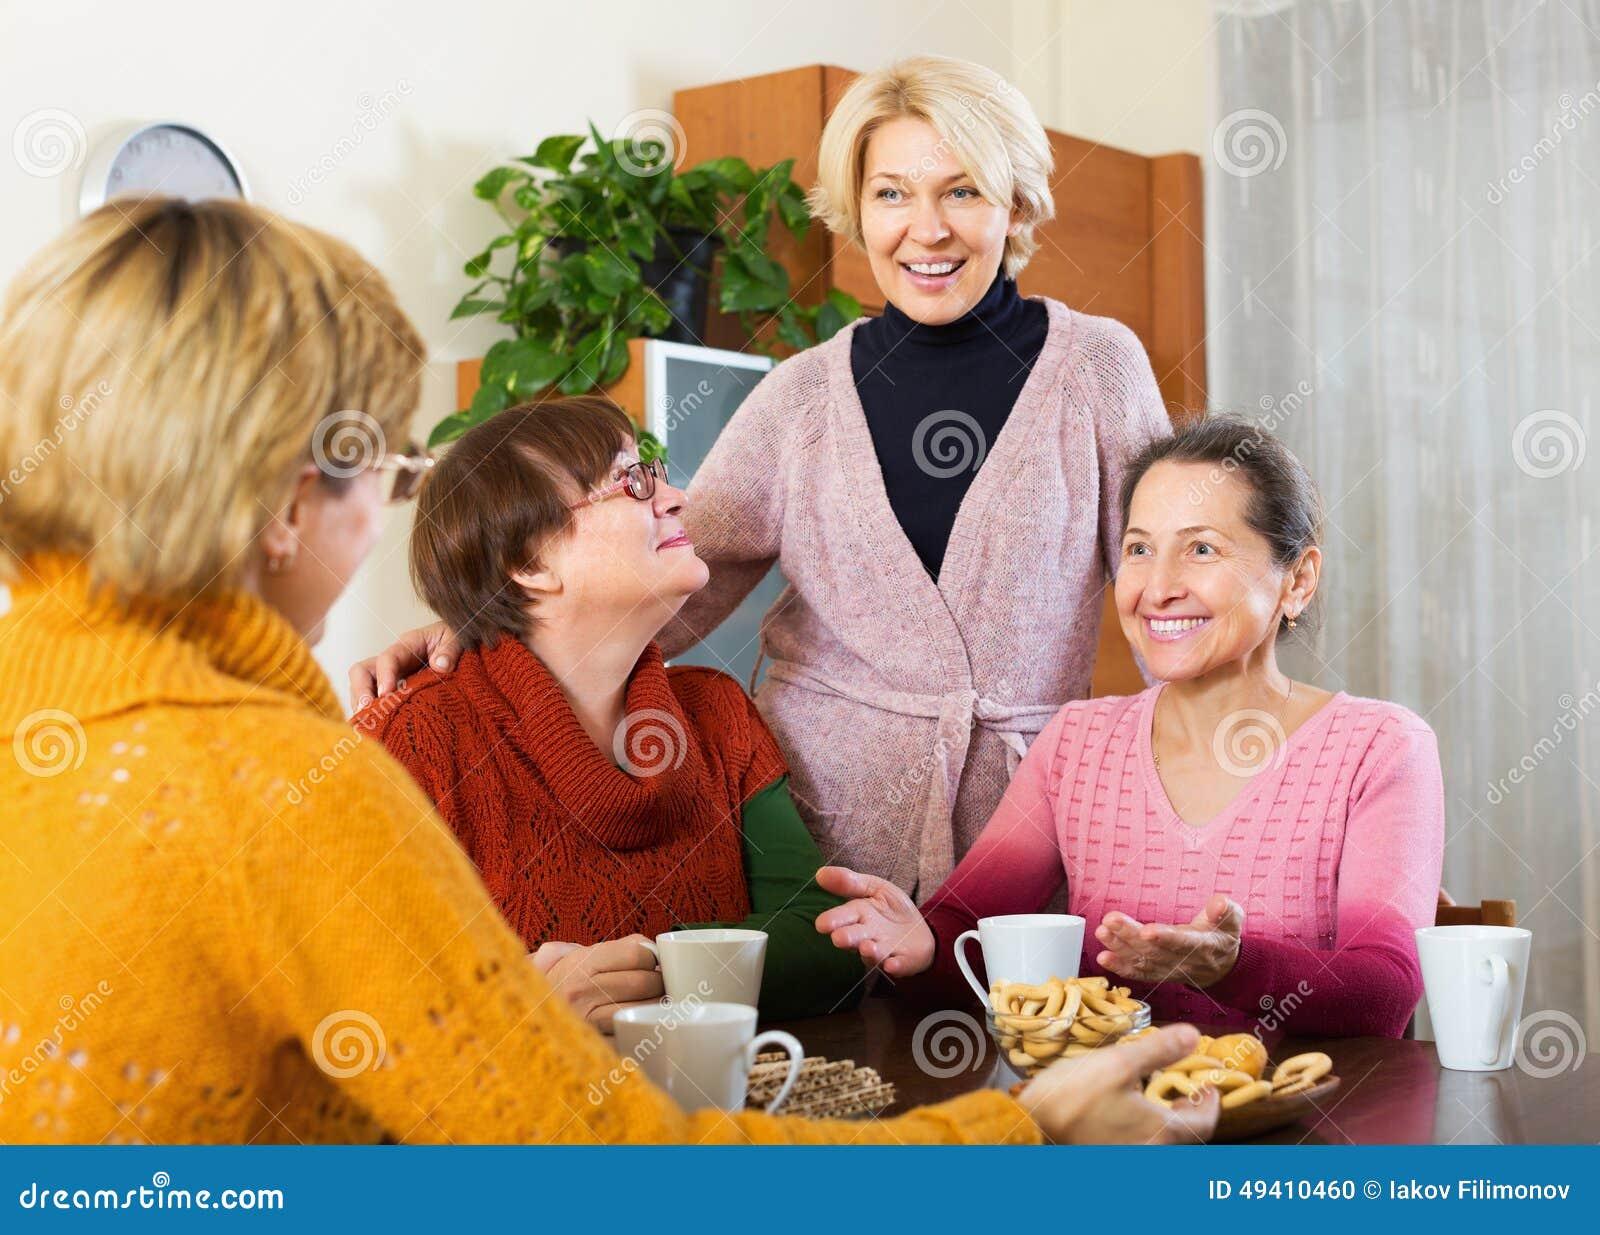 Download Frau, die Tasse Tee isst stockfoto. Bild von kaukasisch - 49410460